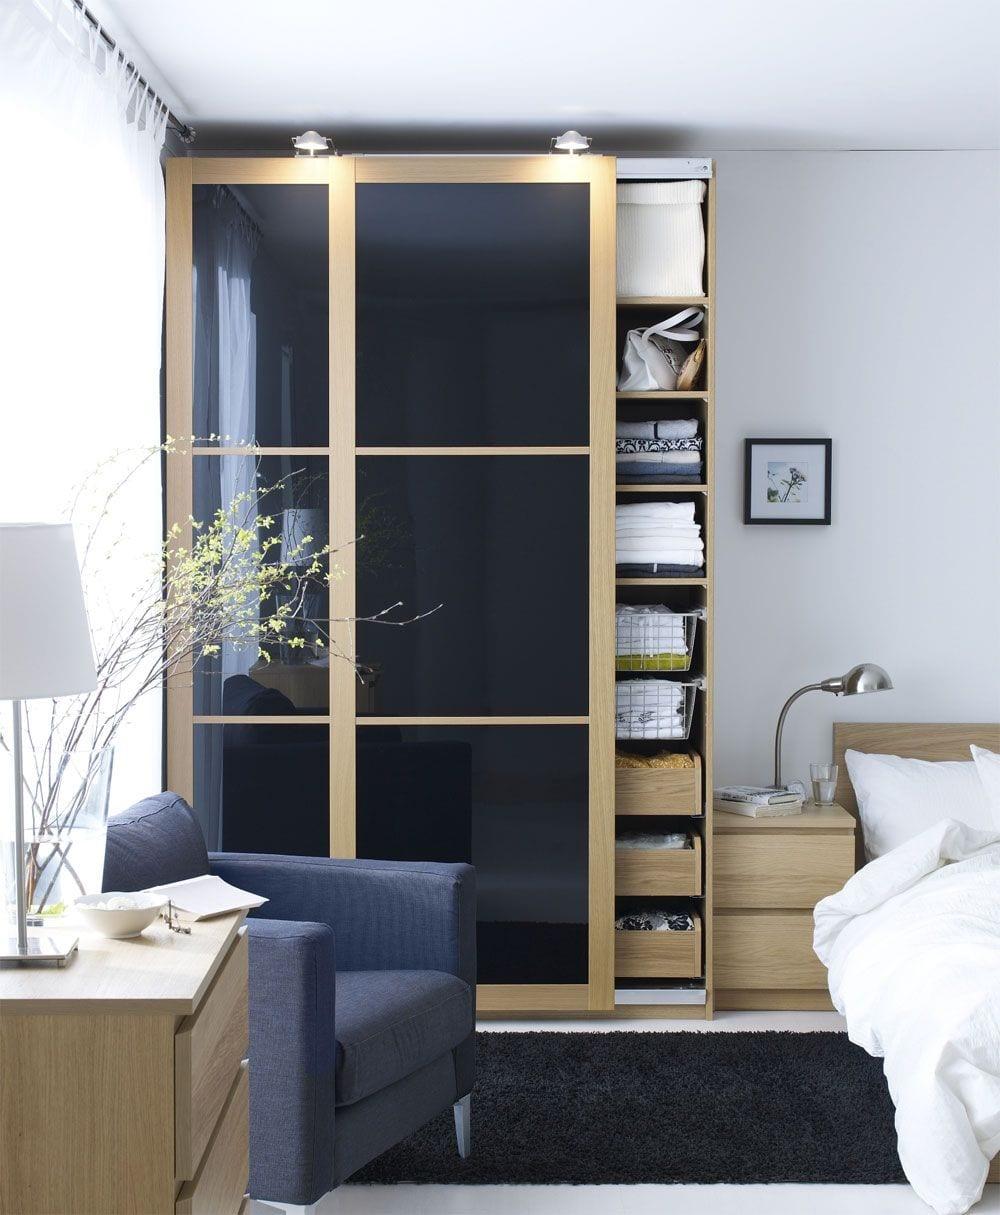 Accesorios de almacenaje de IKEA